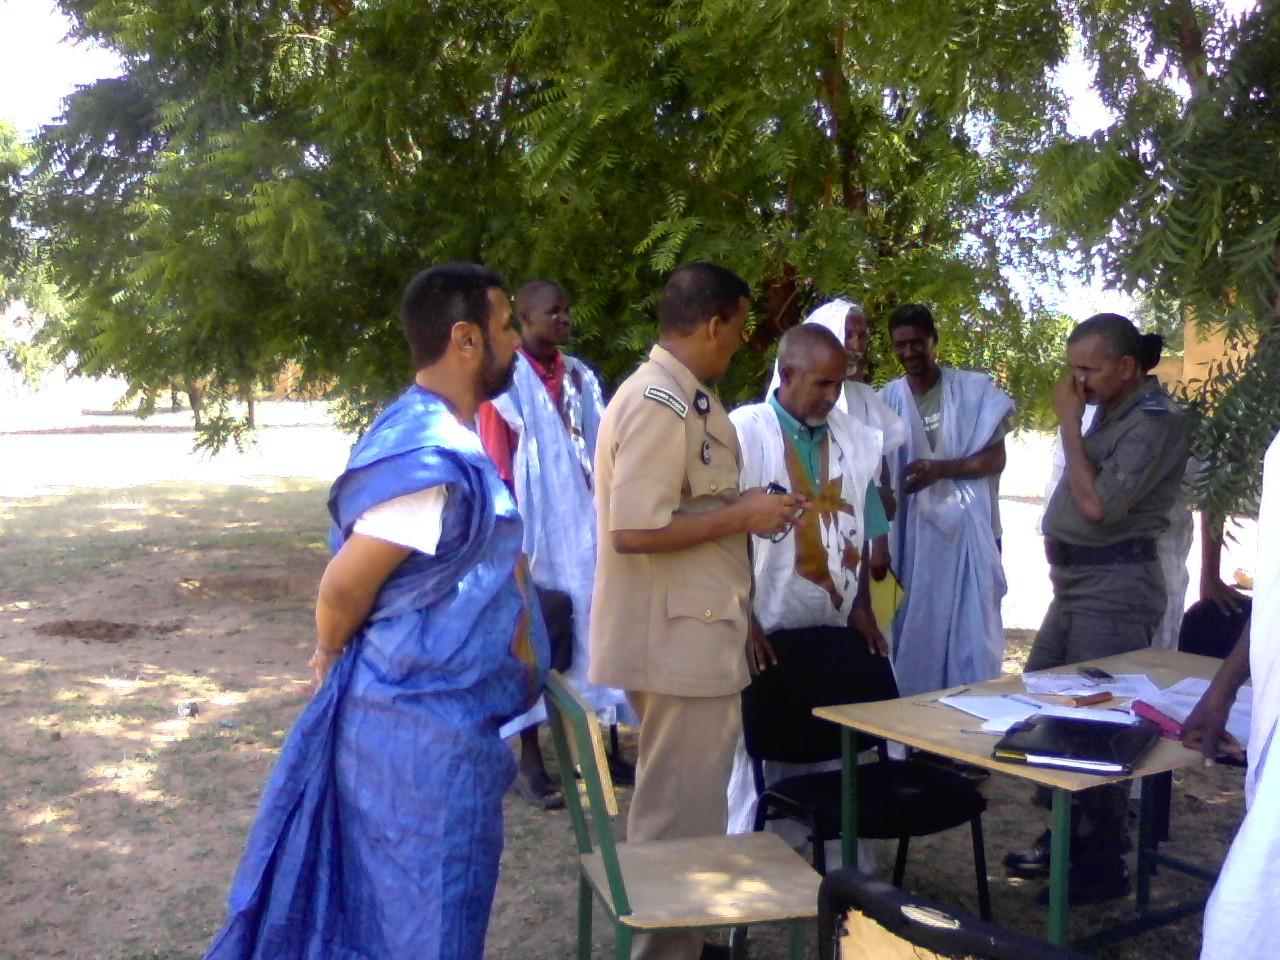 صورة من الأرشيف العام الدراسي بمقاطعة كنكوصه 2011